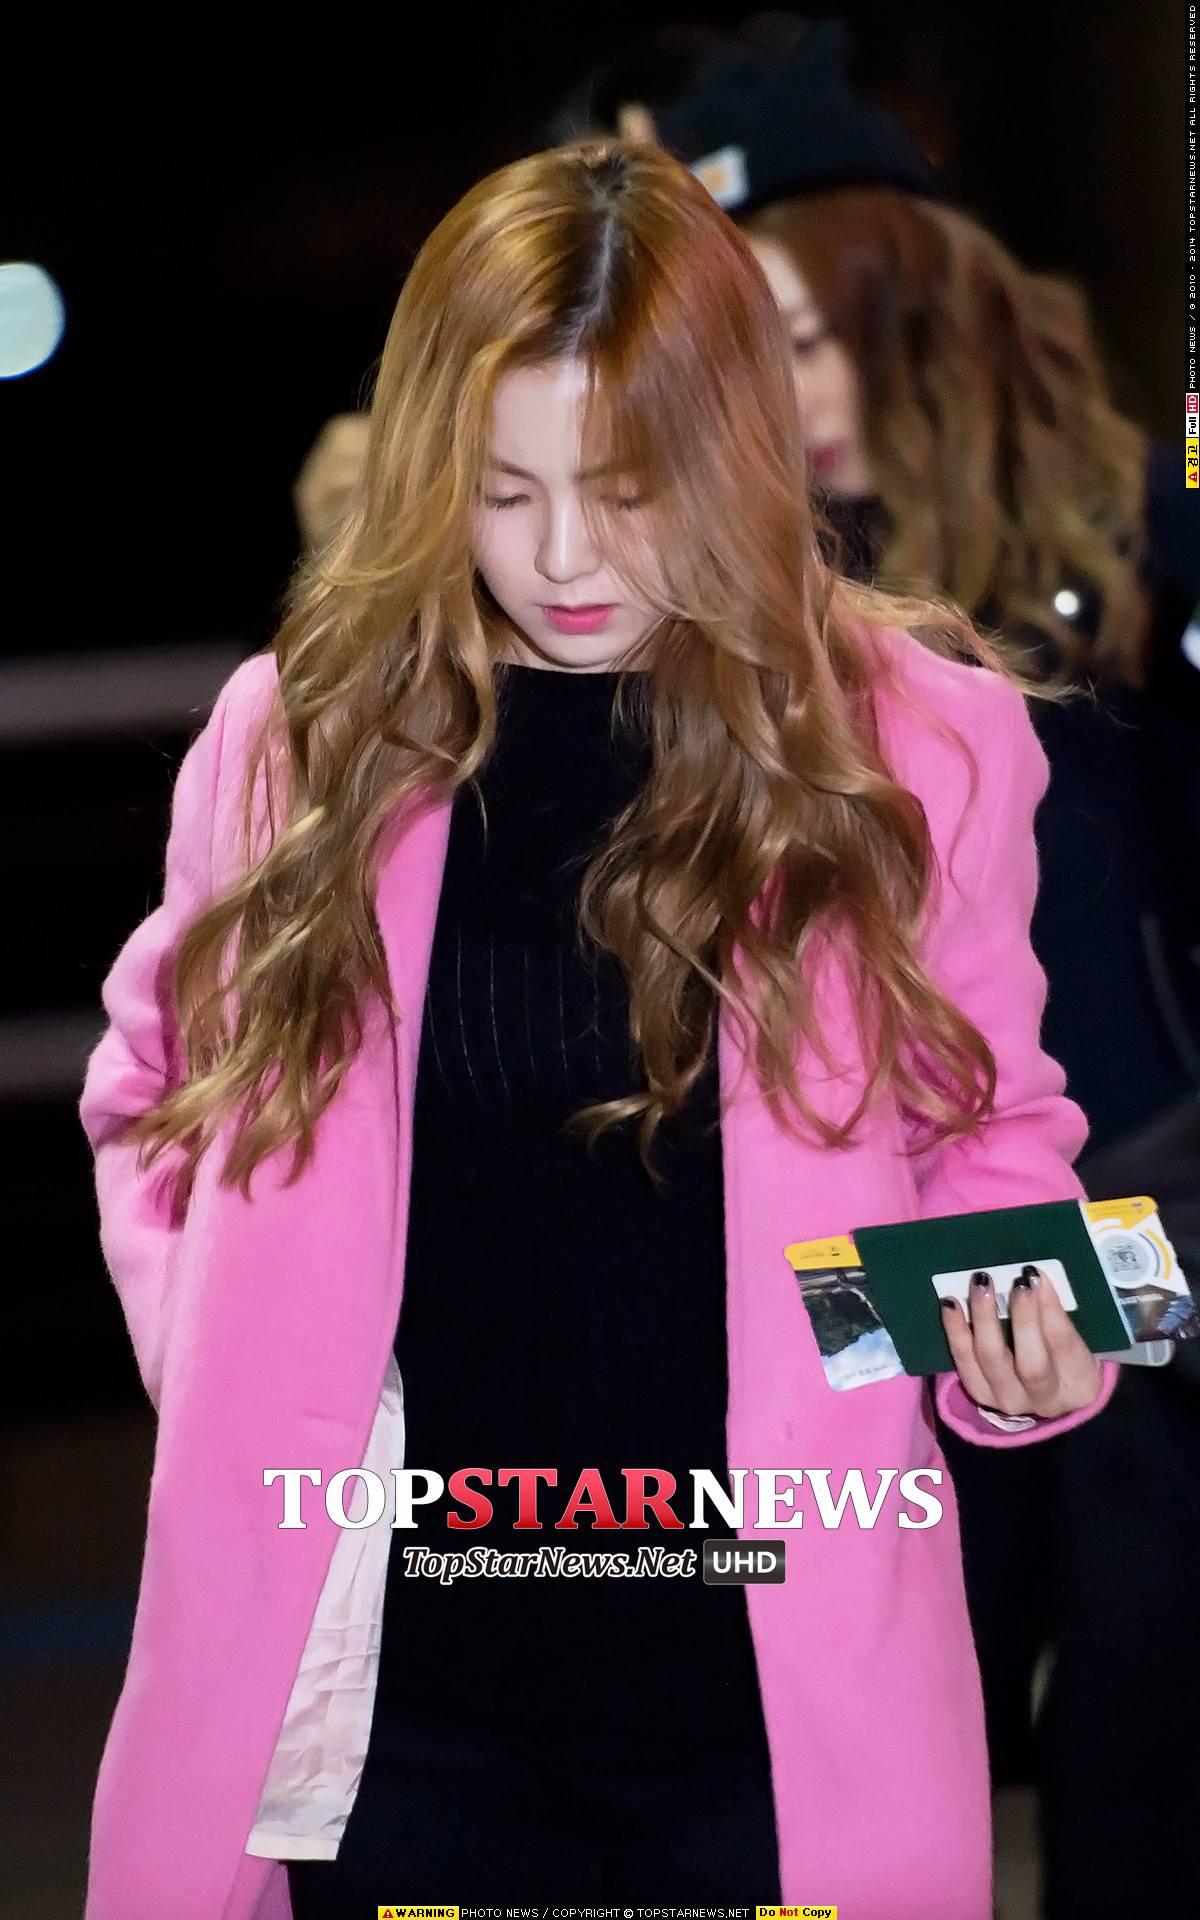 但粉絲們還是希望能看到 Irene的美麗正臉啊!